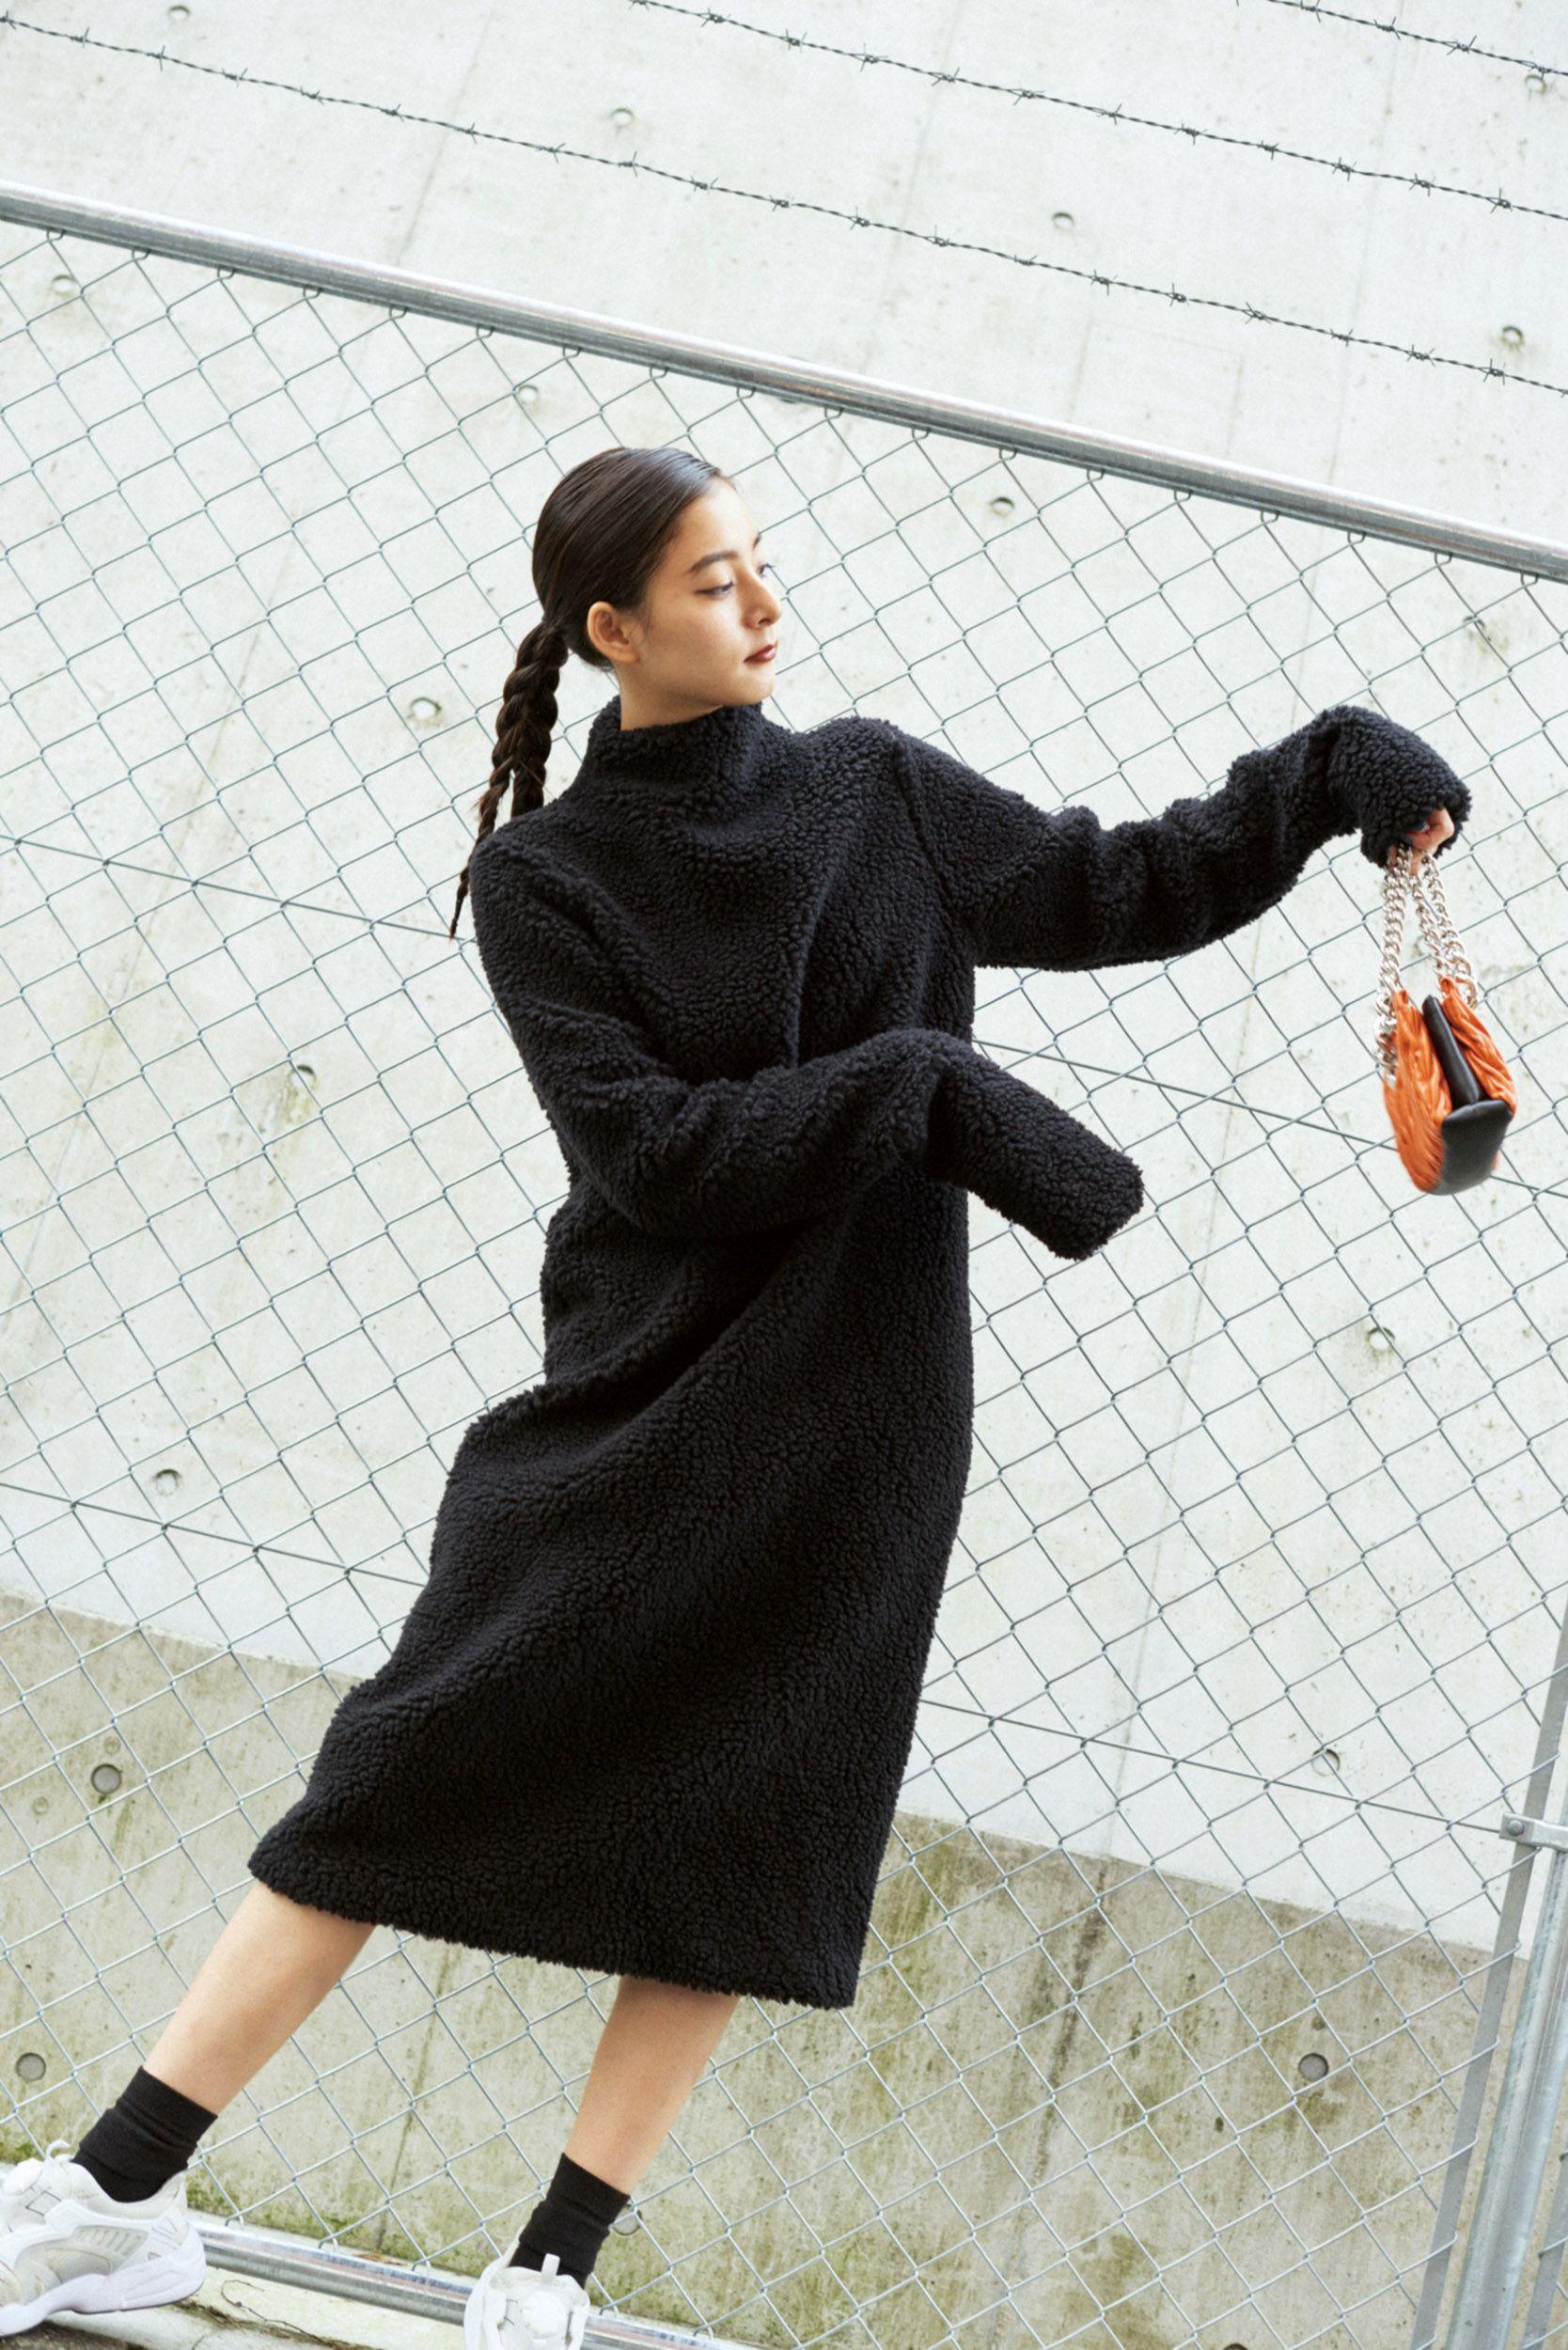 120画像 大注目の女優さん 新木優子ちゃんの可愛くて美人な高画質